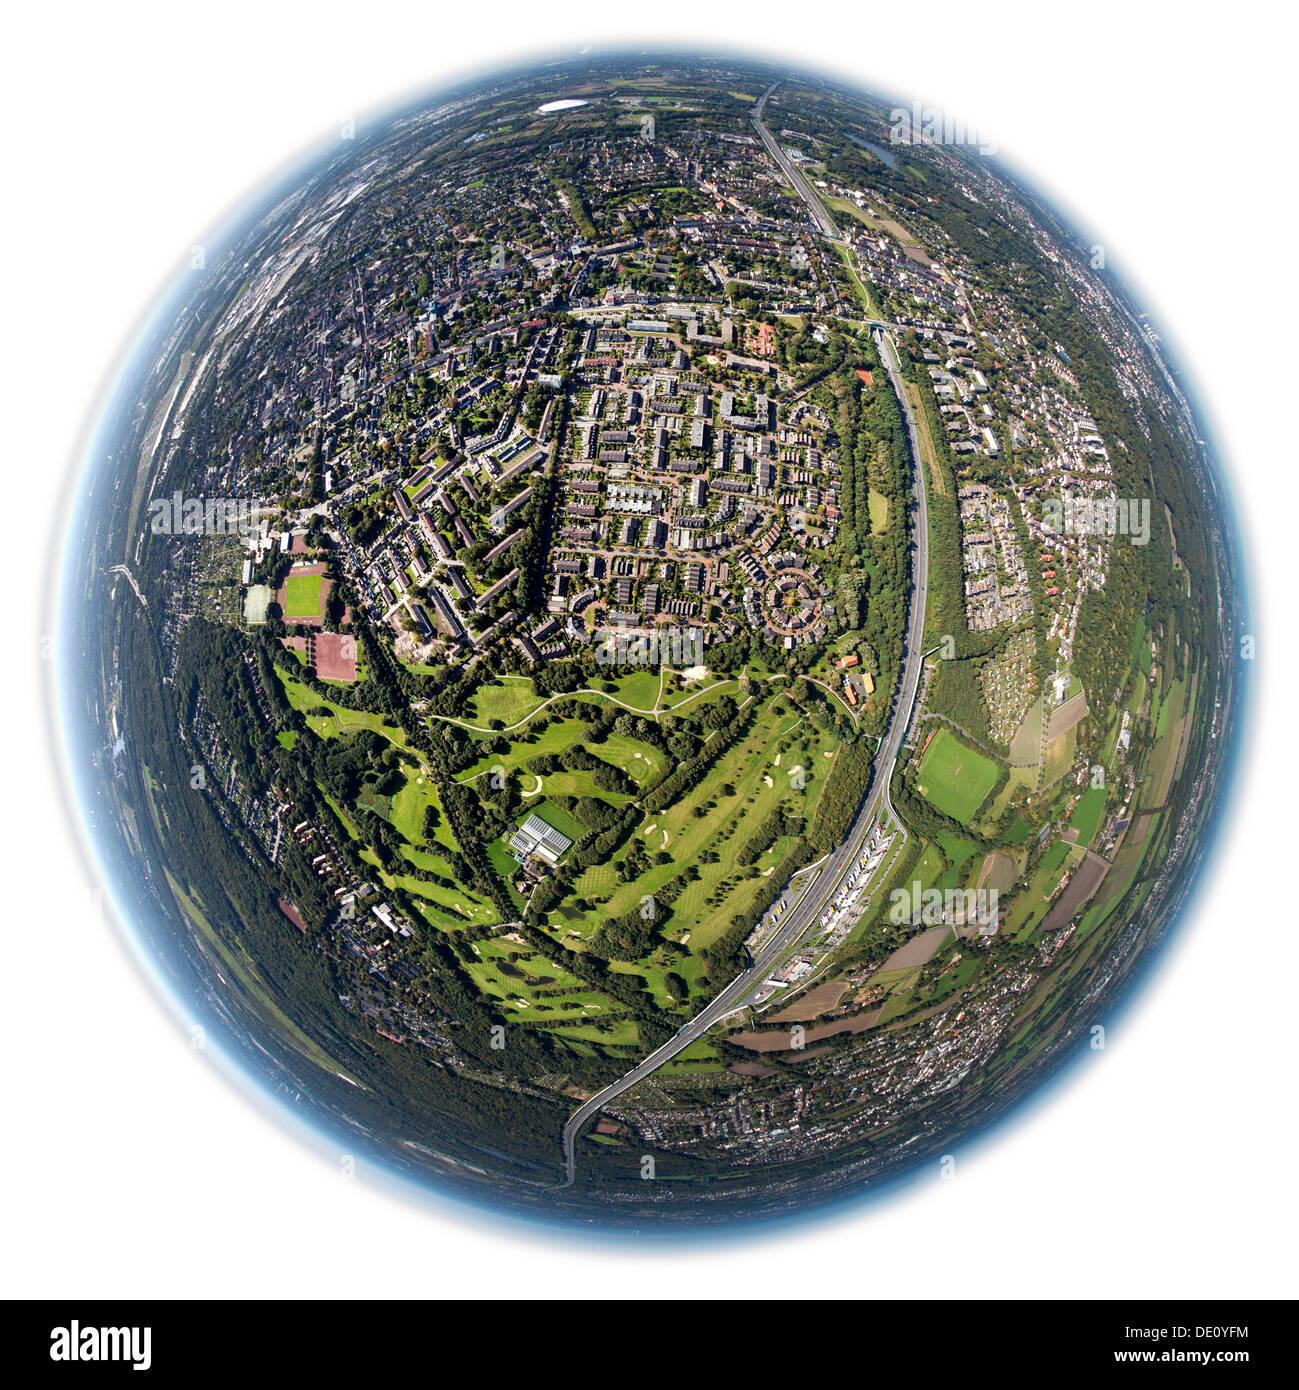 Aerial view, shot with a fisheye lens, Nesselrodeweg settlement and Bruchwiesenring circular settlement, Gelsenkirchen Golf Club - Stock Image